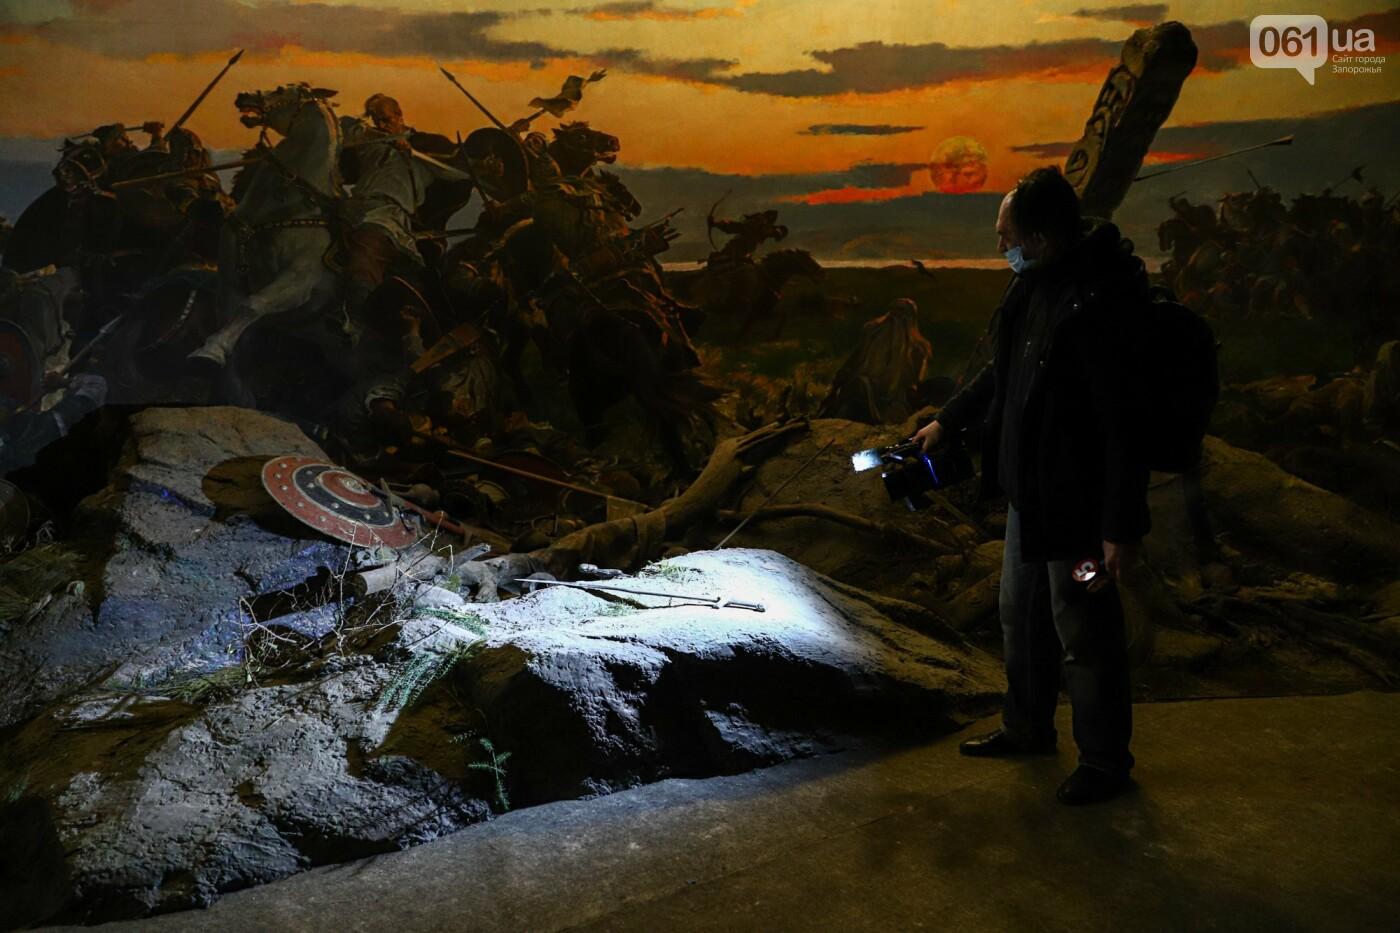 Музей истории запорожского казачества в ожидании реконструкции: как сейчас выглядит аварийное здание, - ФОТОРЕПОРТАЖ, фото-42